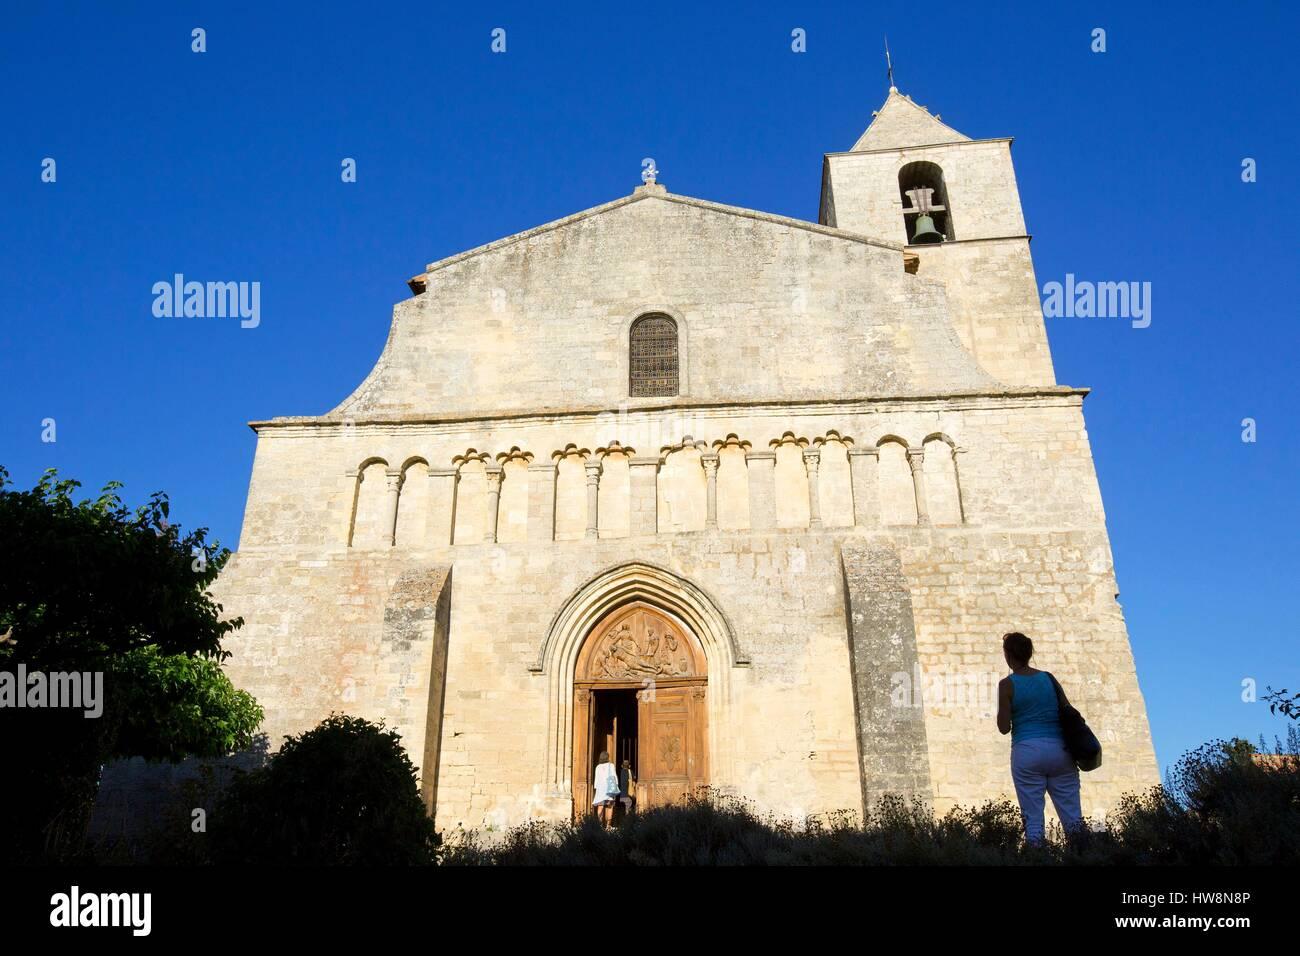 Francia, Vaucluse, parque regional de Luberon, Saignon, iglesia románica de Nuestra Señora de la Piedad) Imagen De Stock